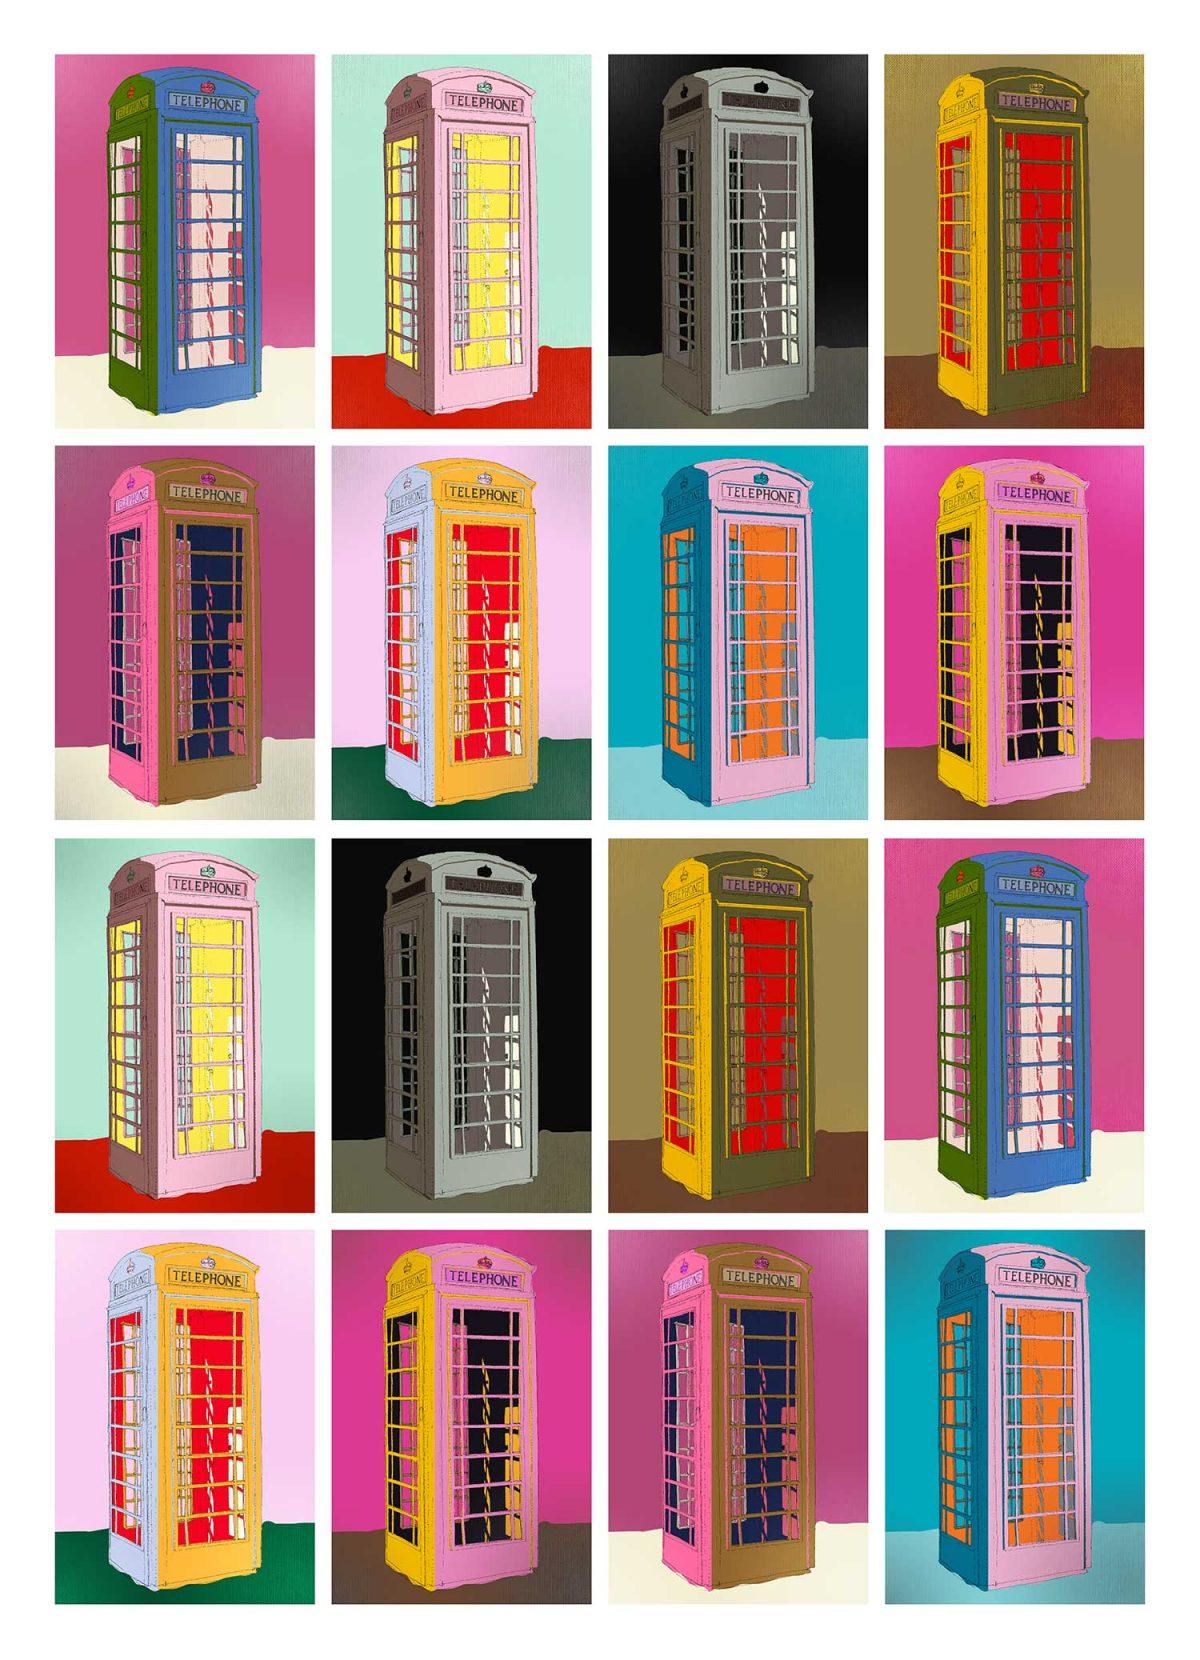 k6-16-telephone-box-By-alej-ez